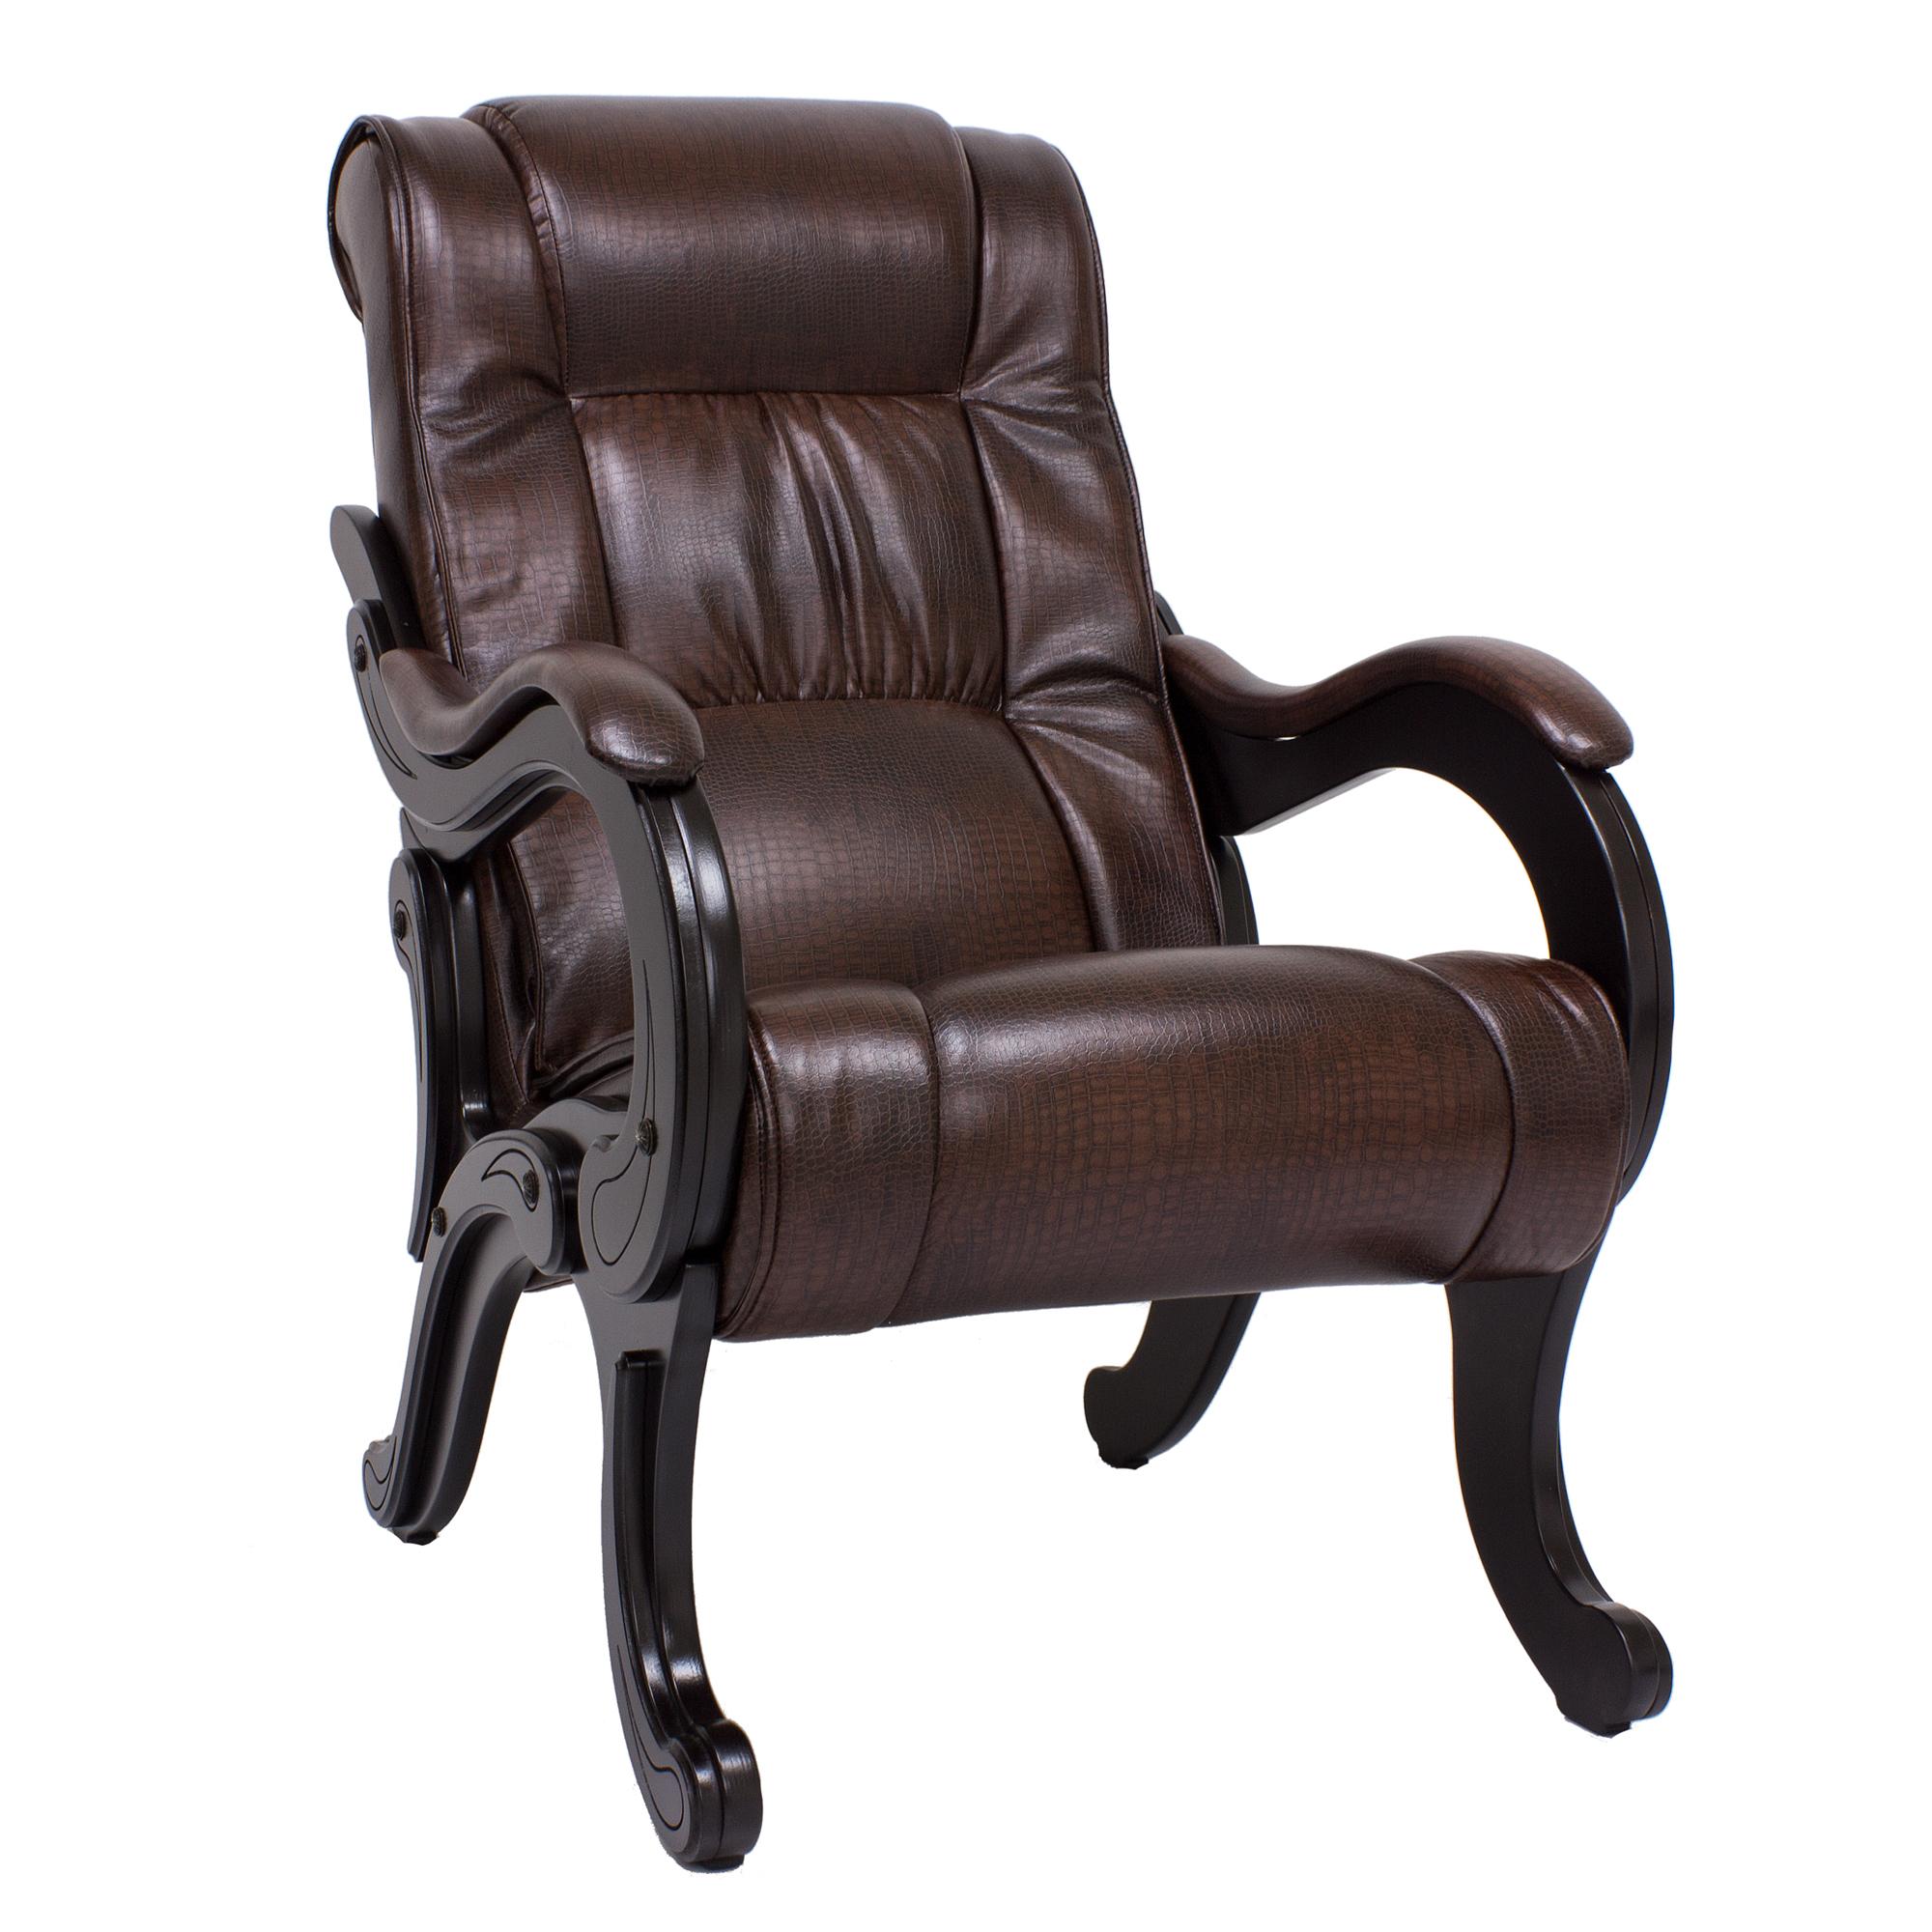 Кресло Комфорт model-71, коричневый